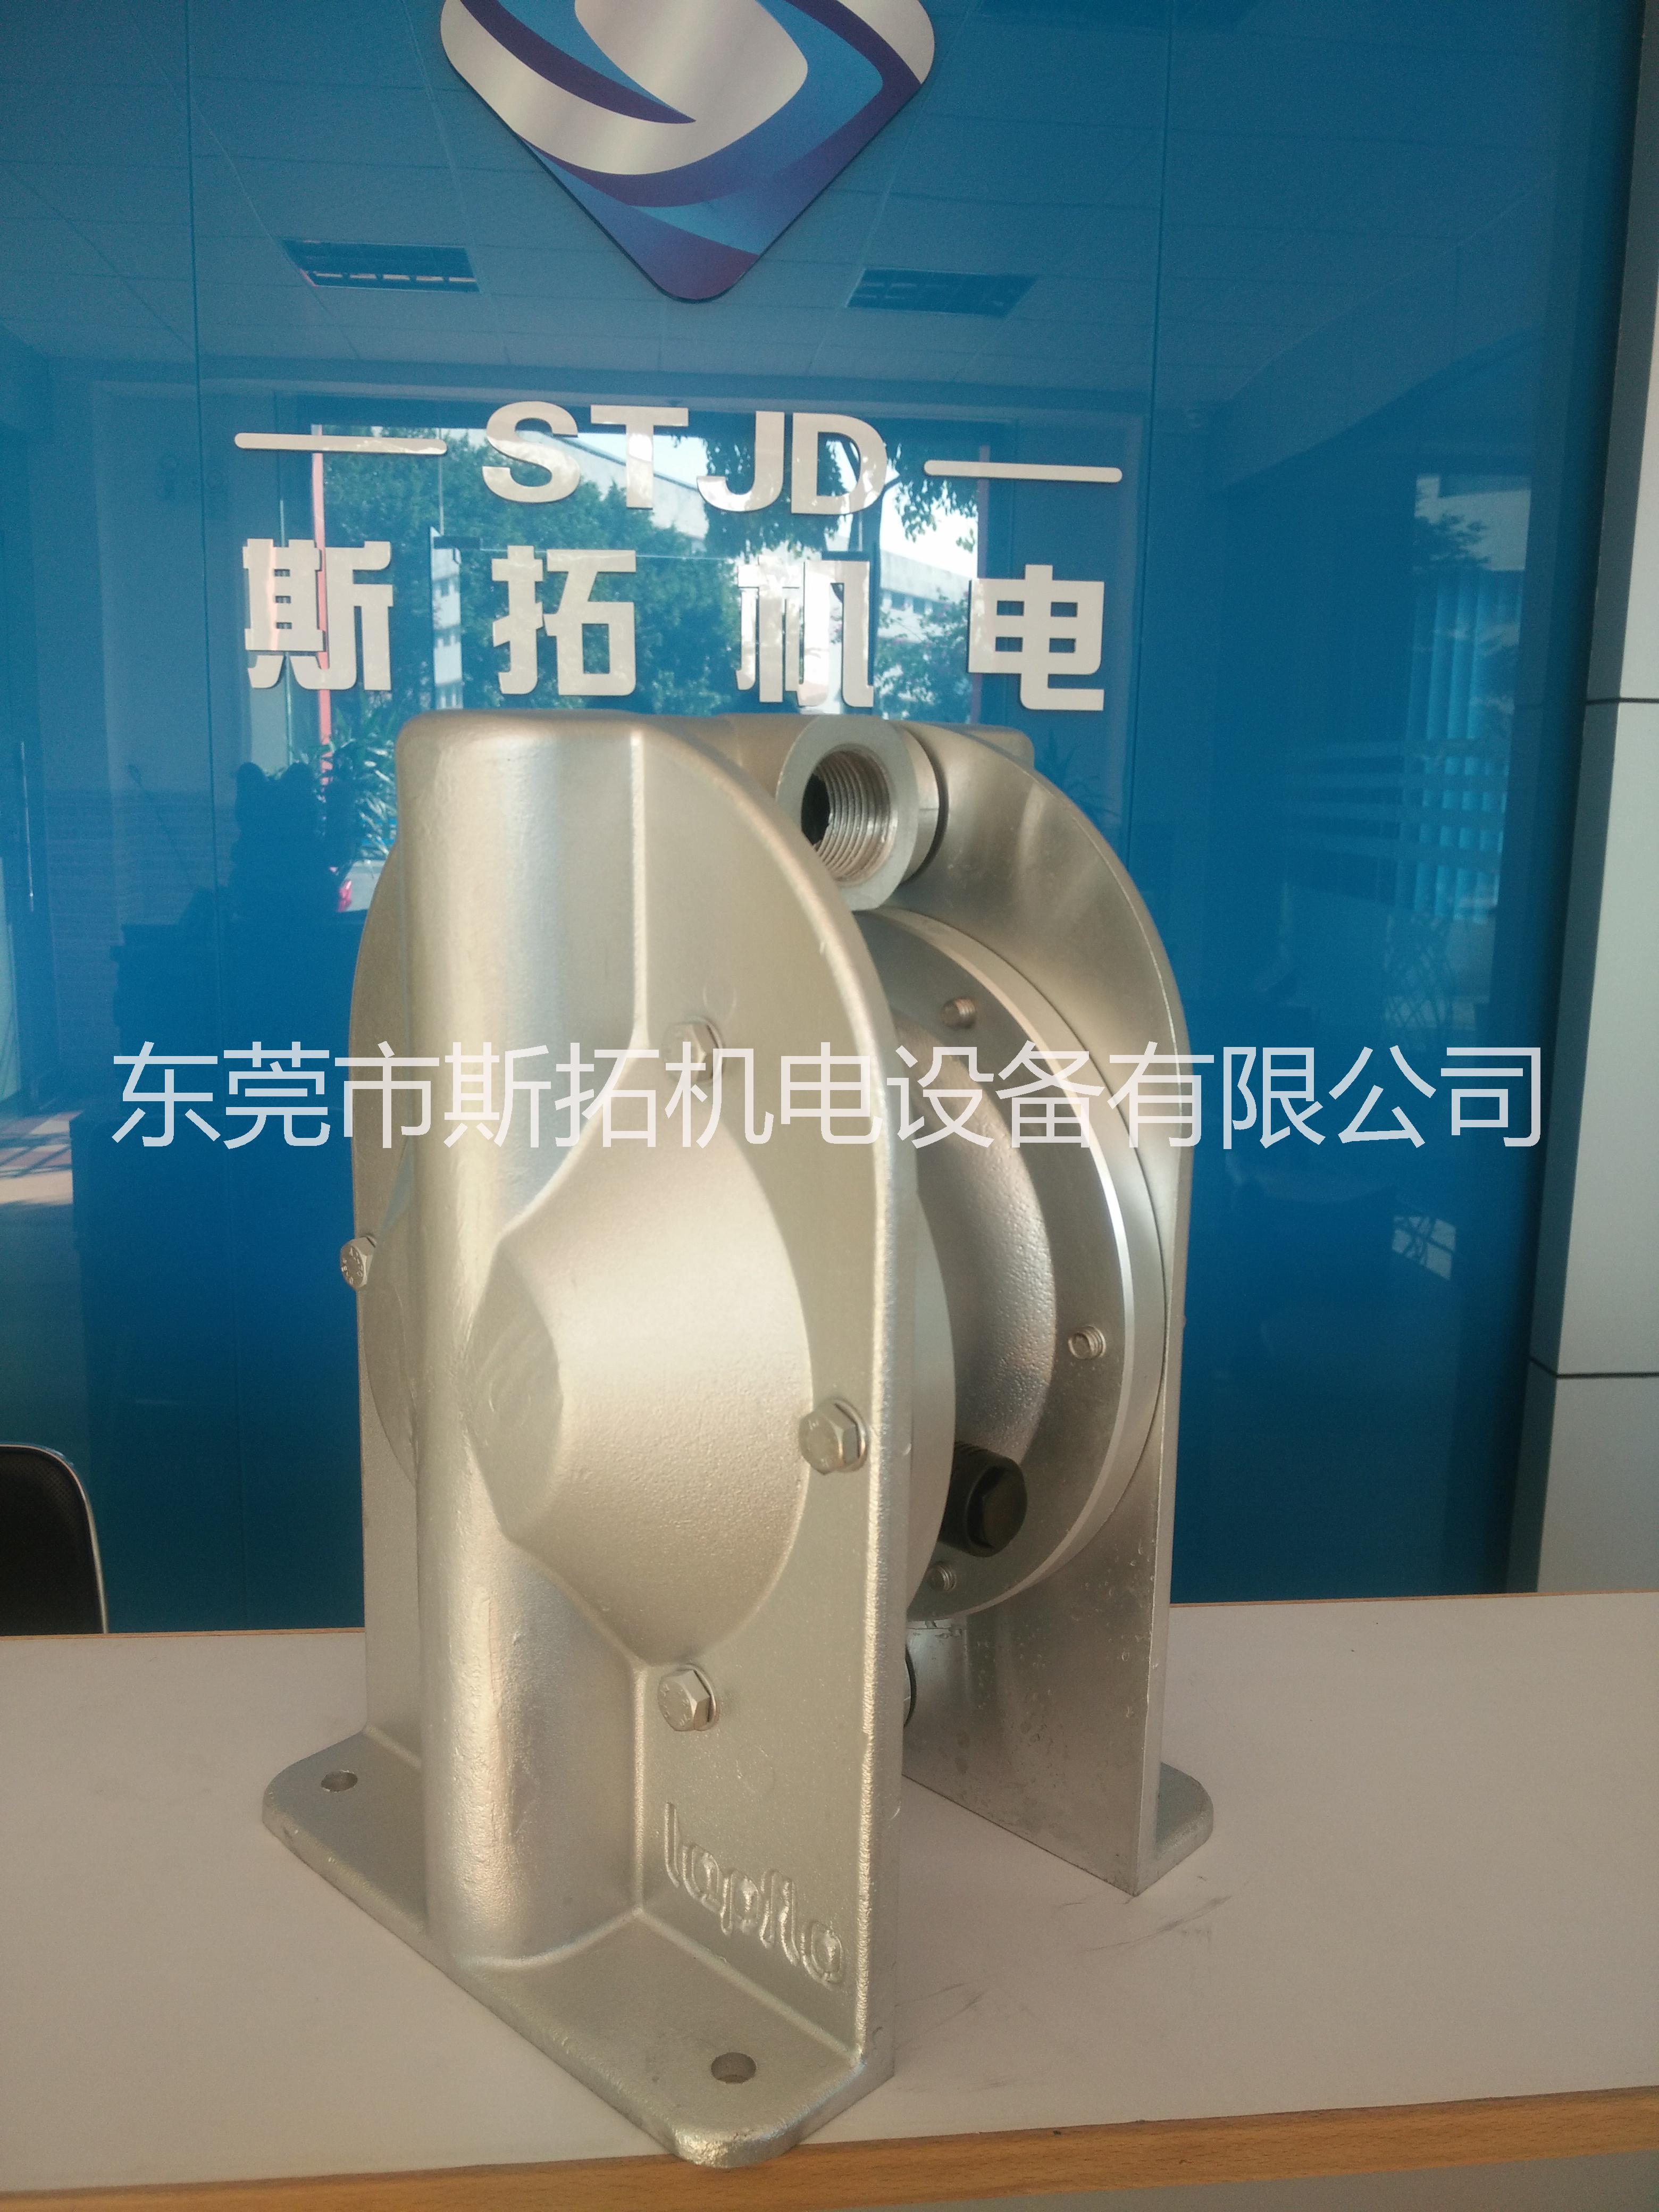 供应专业代理进口瑞典特夫洛气动隔膜泵、特夫洛进口隔膜泵、化工泵、涂料泵